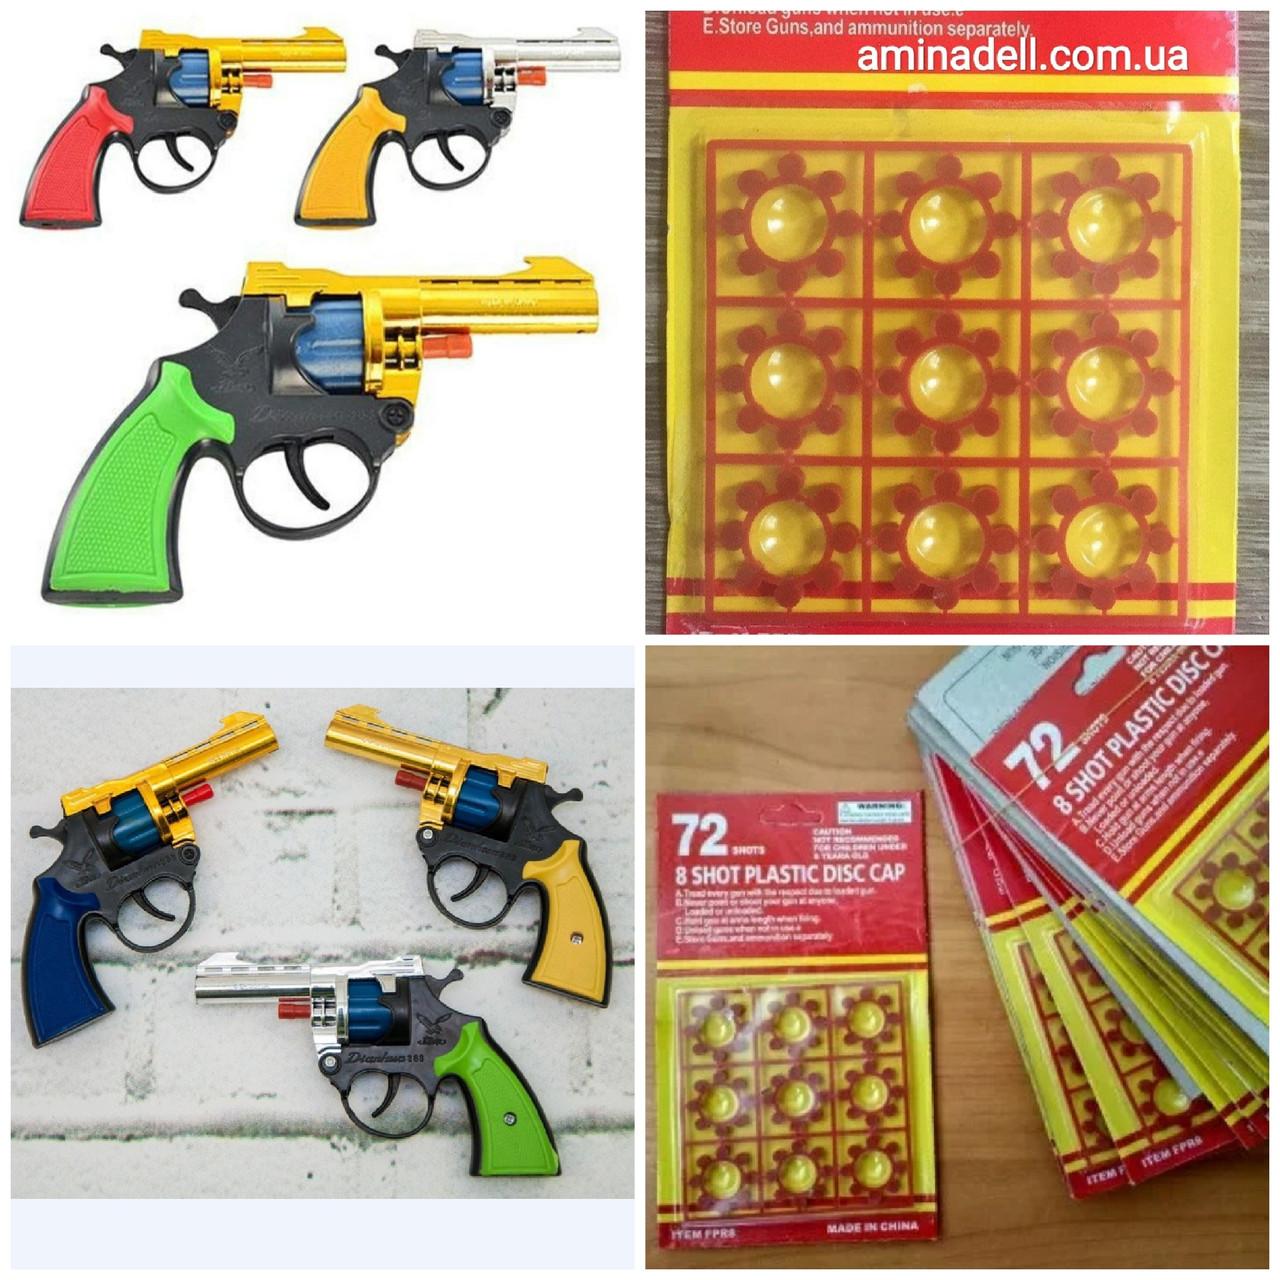 Набор: Пистолет на пистонах + 1 упаковка пистонов